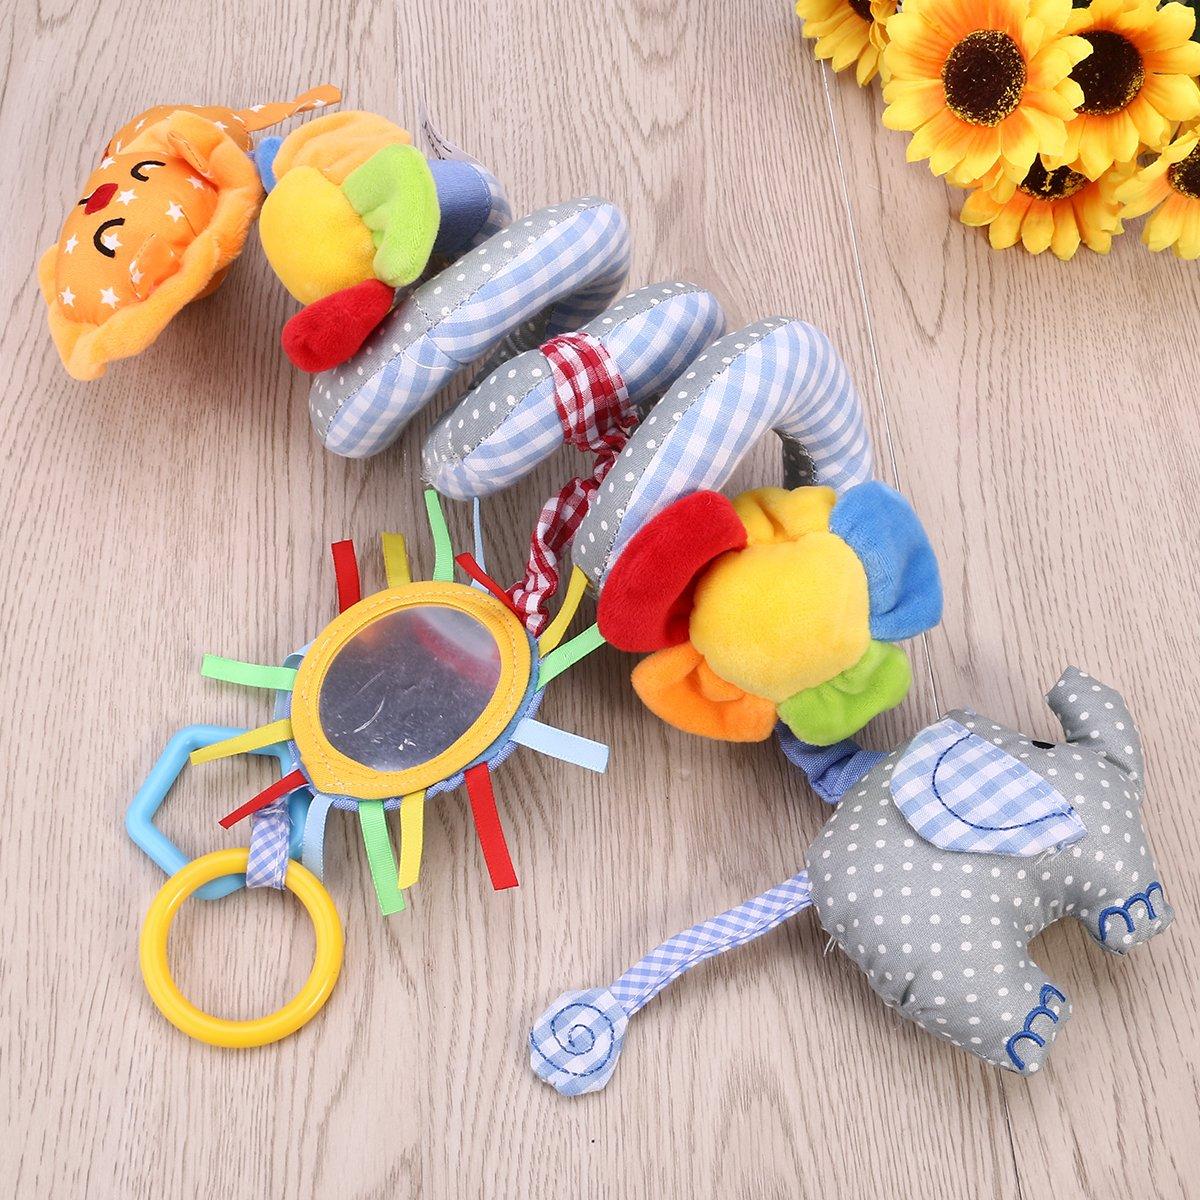 Leorx Spirale Spielzeug Spielzeug Spielzeug Baby-Autositz-Spielzeug mit Spiegel und Bell Bett h/ängen Kinderwagen